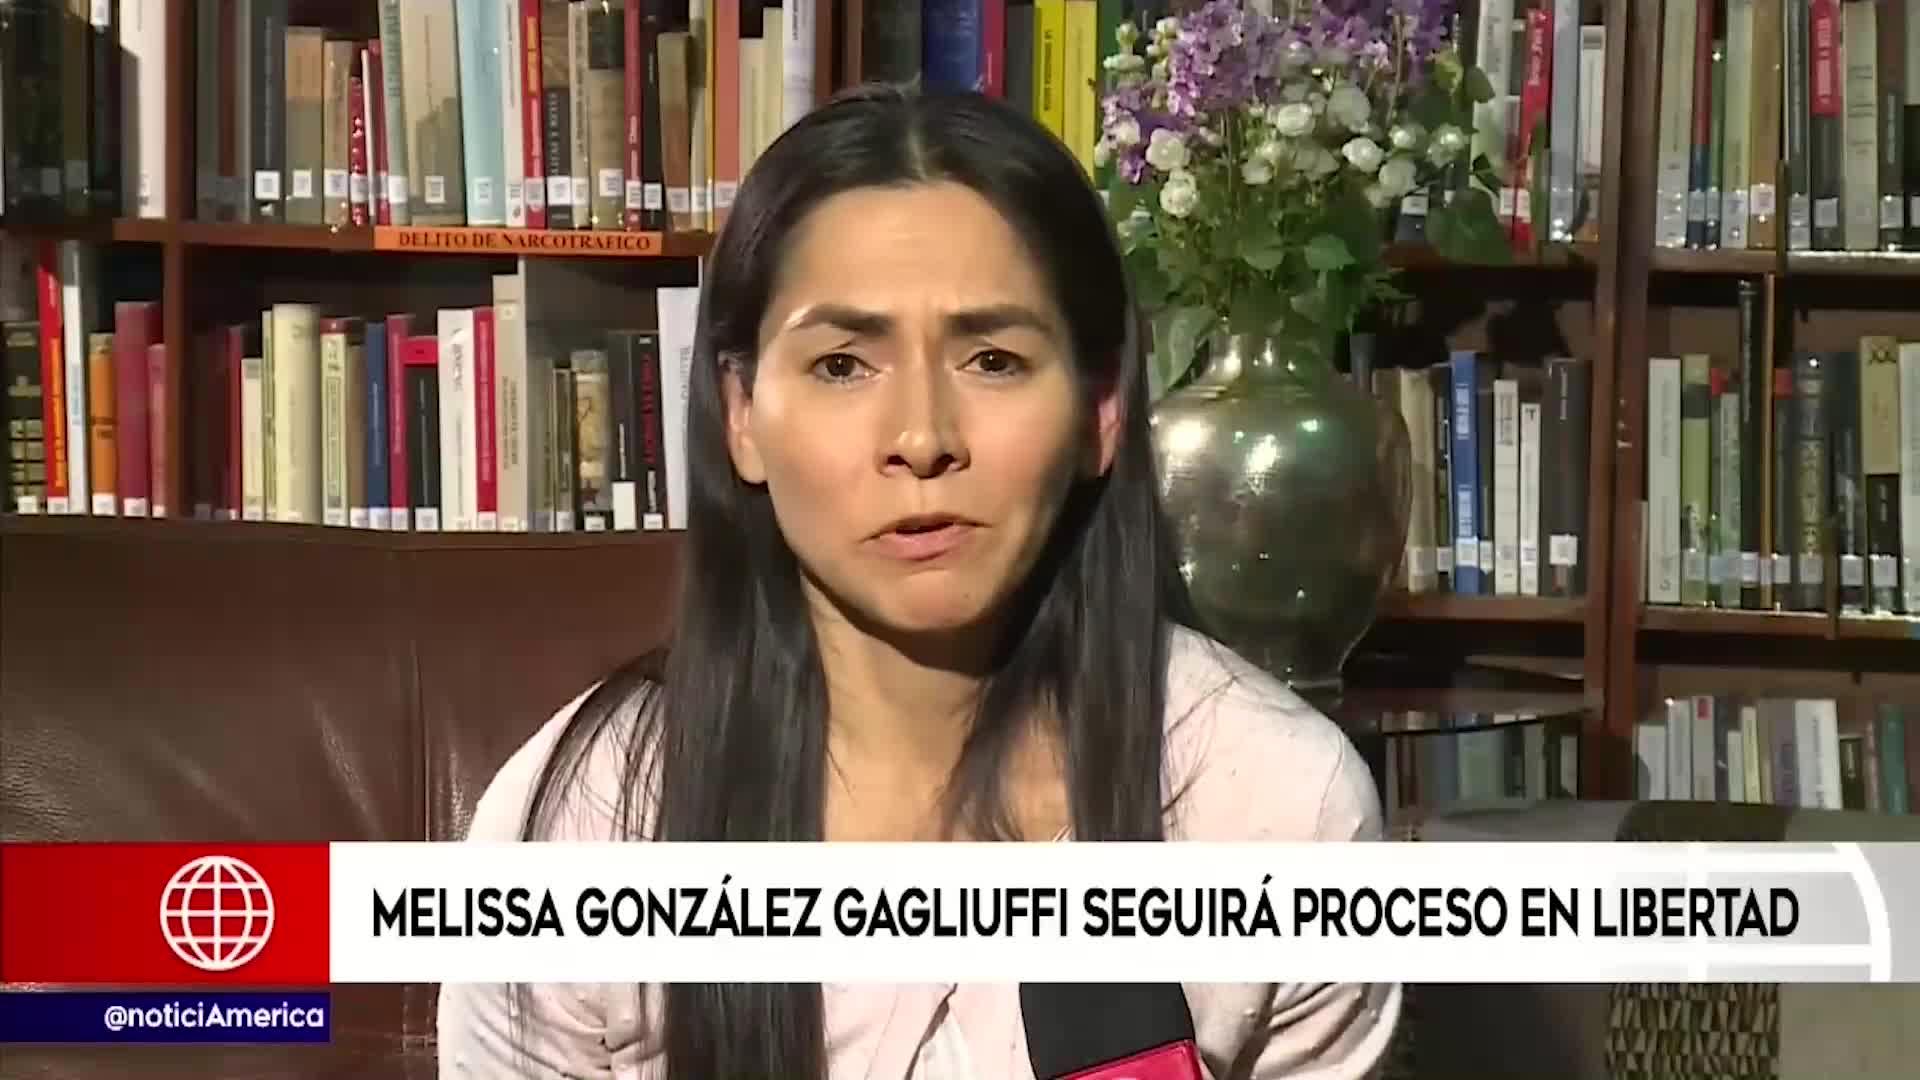 Melisa González Gagliuffi será liberada tras anularse la prisión preventiva en su contra